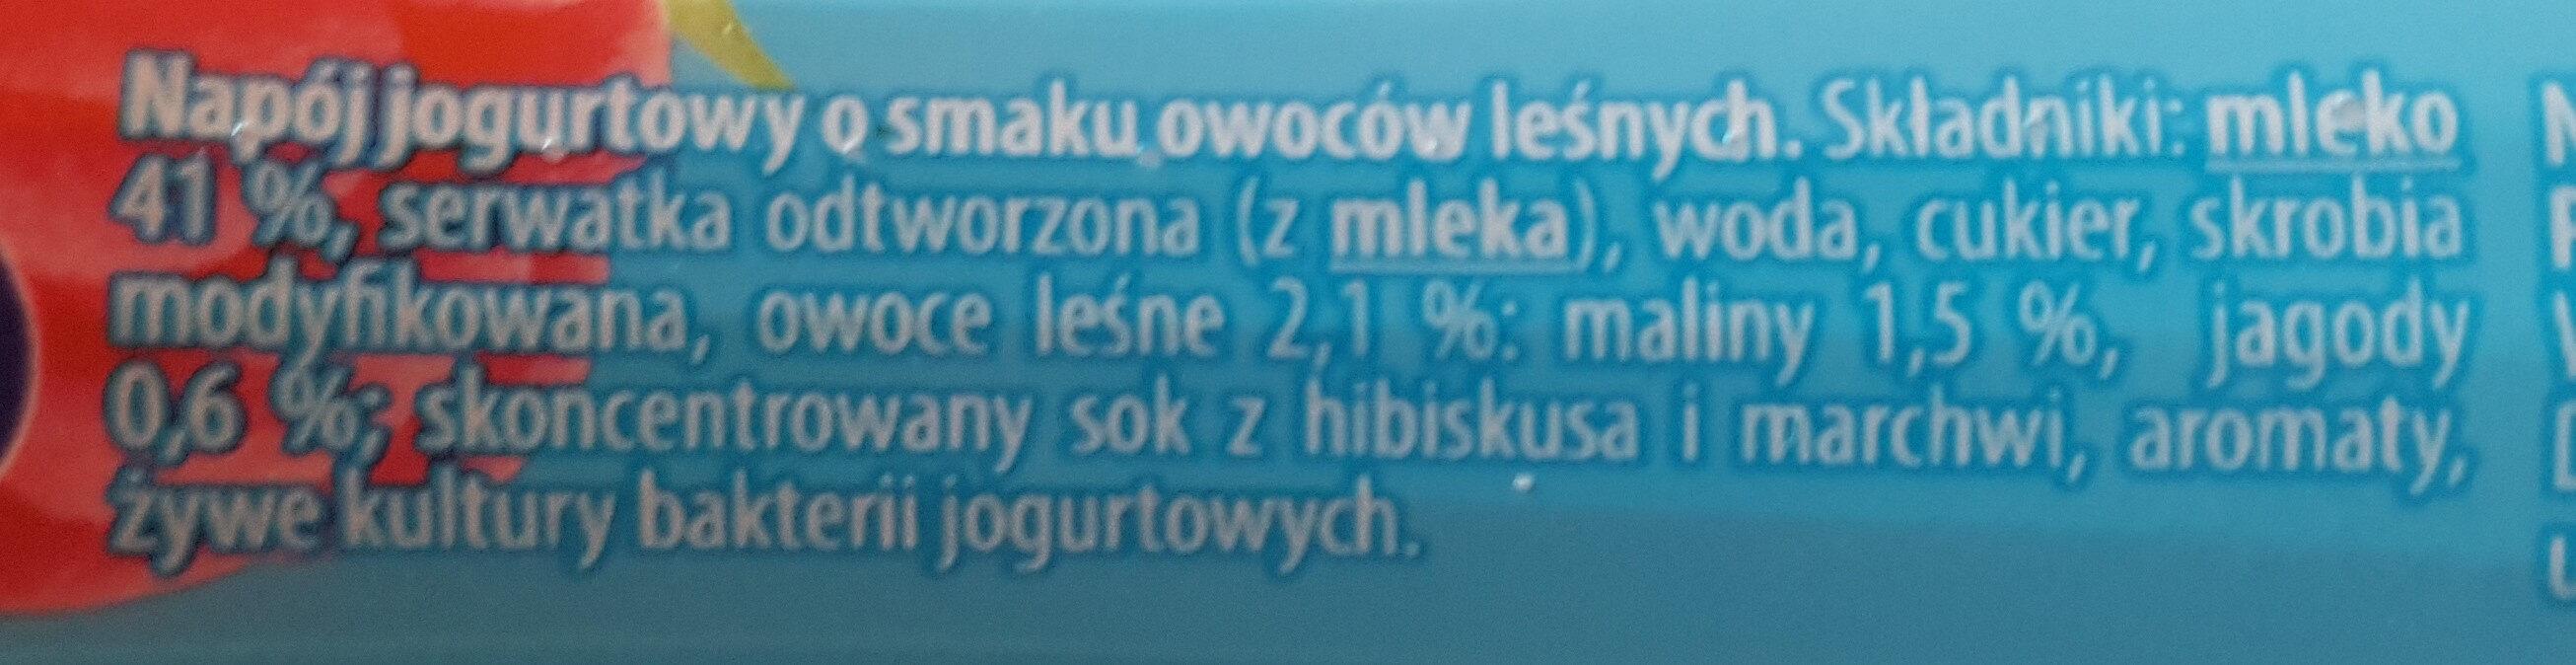 Jogurt Ale Pitny owoce leśne - Składniki - pl